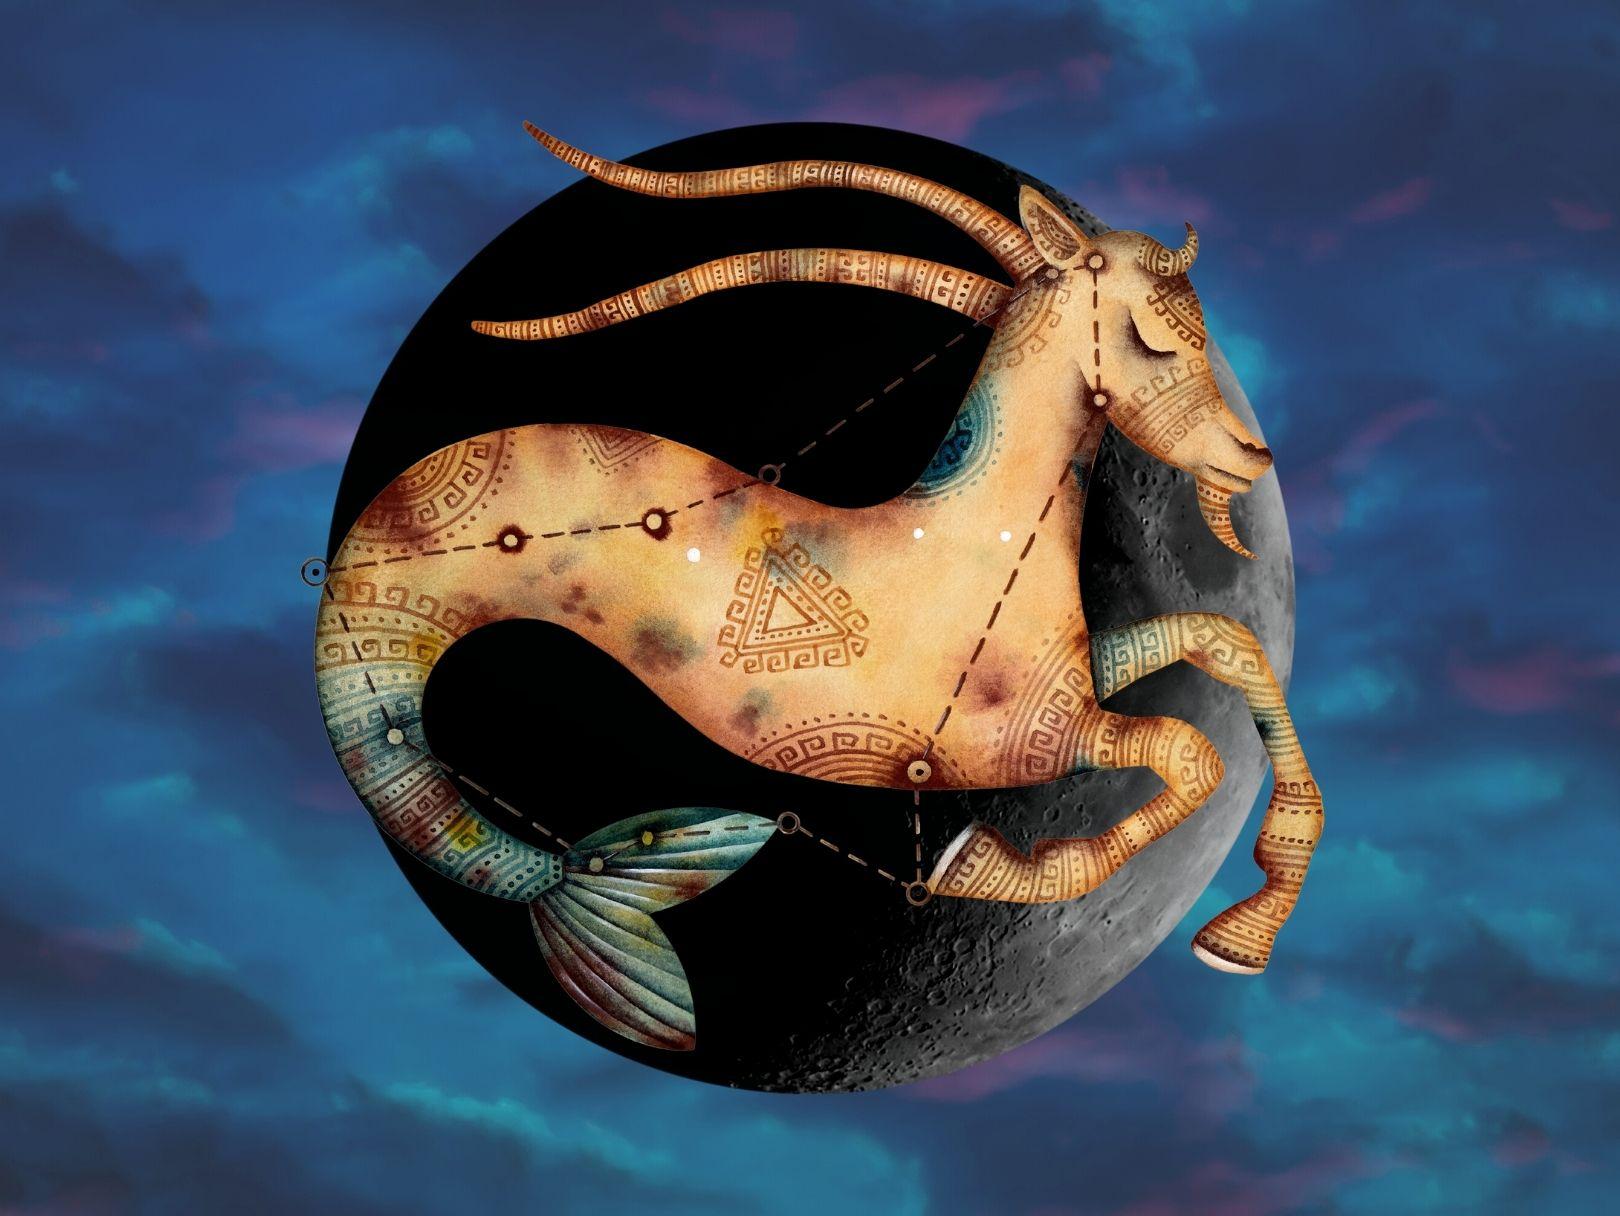 11-17 Ocak 2021 haftalık gezegen hareketleri ve Oğlak burcundaki yeni ayın etkileri